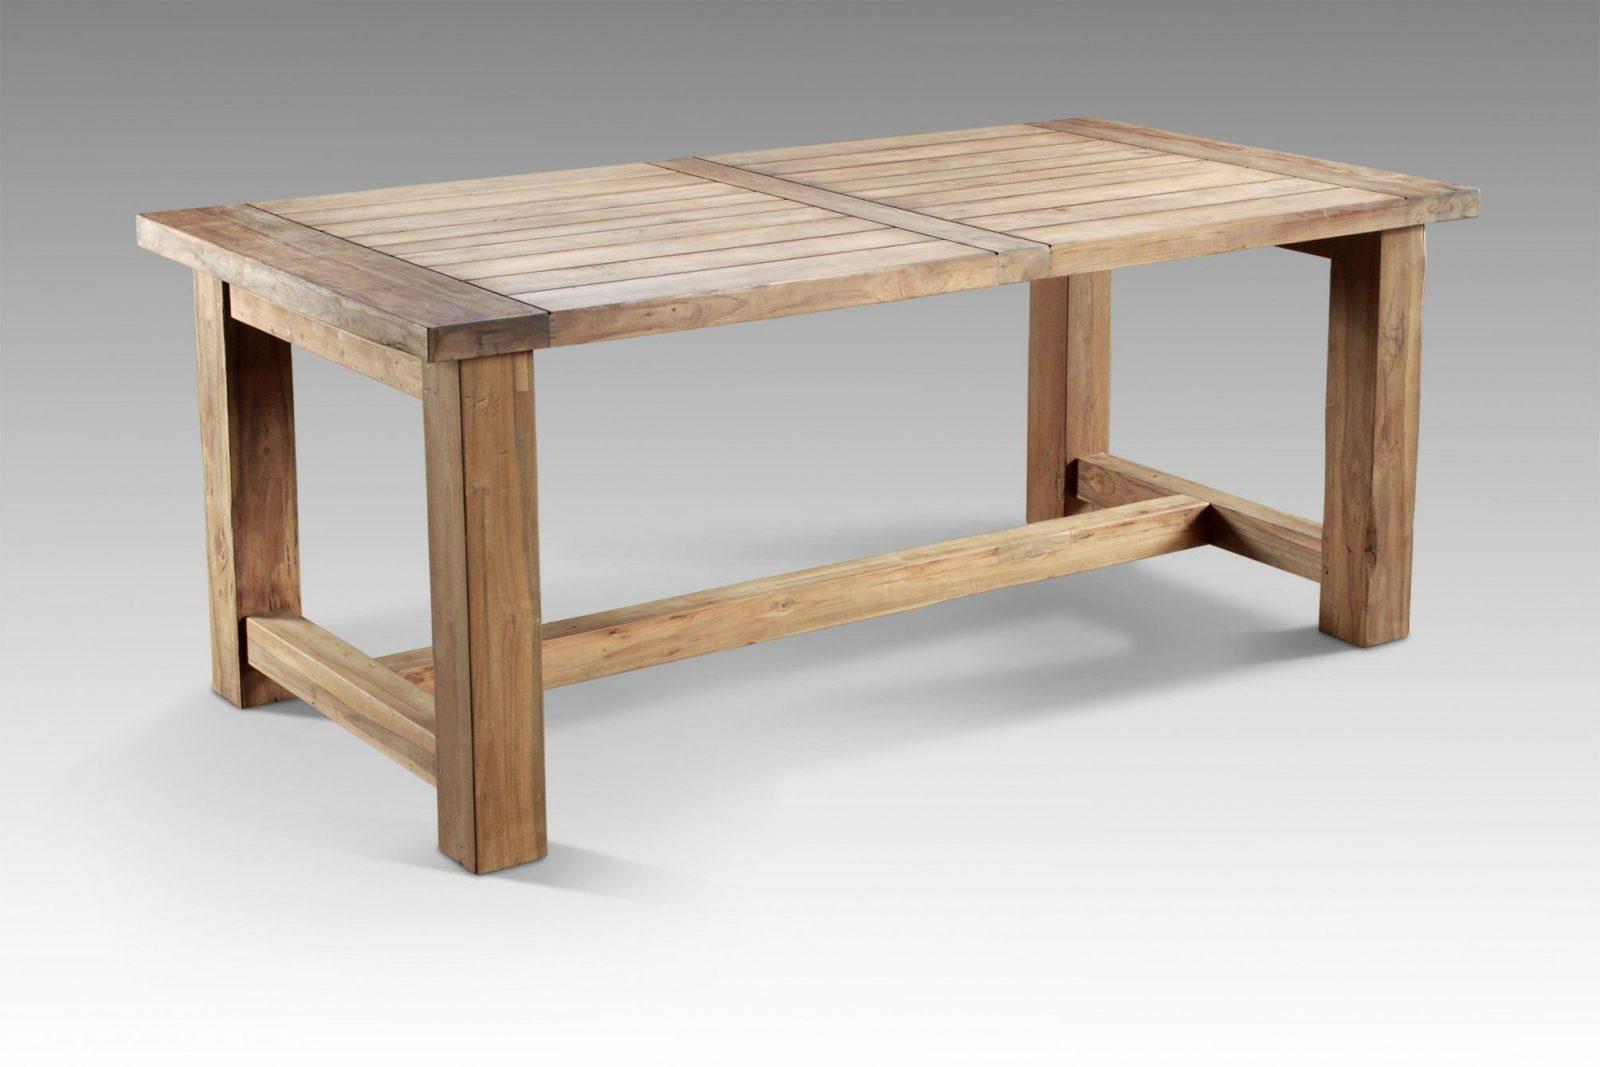 Küche Weis Mit Holz Arbeitsplatte Avec Bauanleitung Stehtisch Selber von Holz Stehtisch Selber Bauen Photo